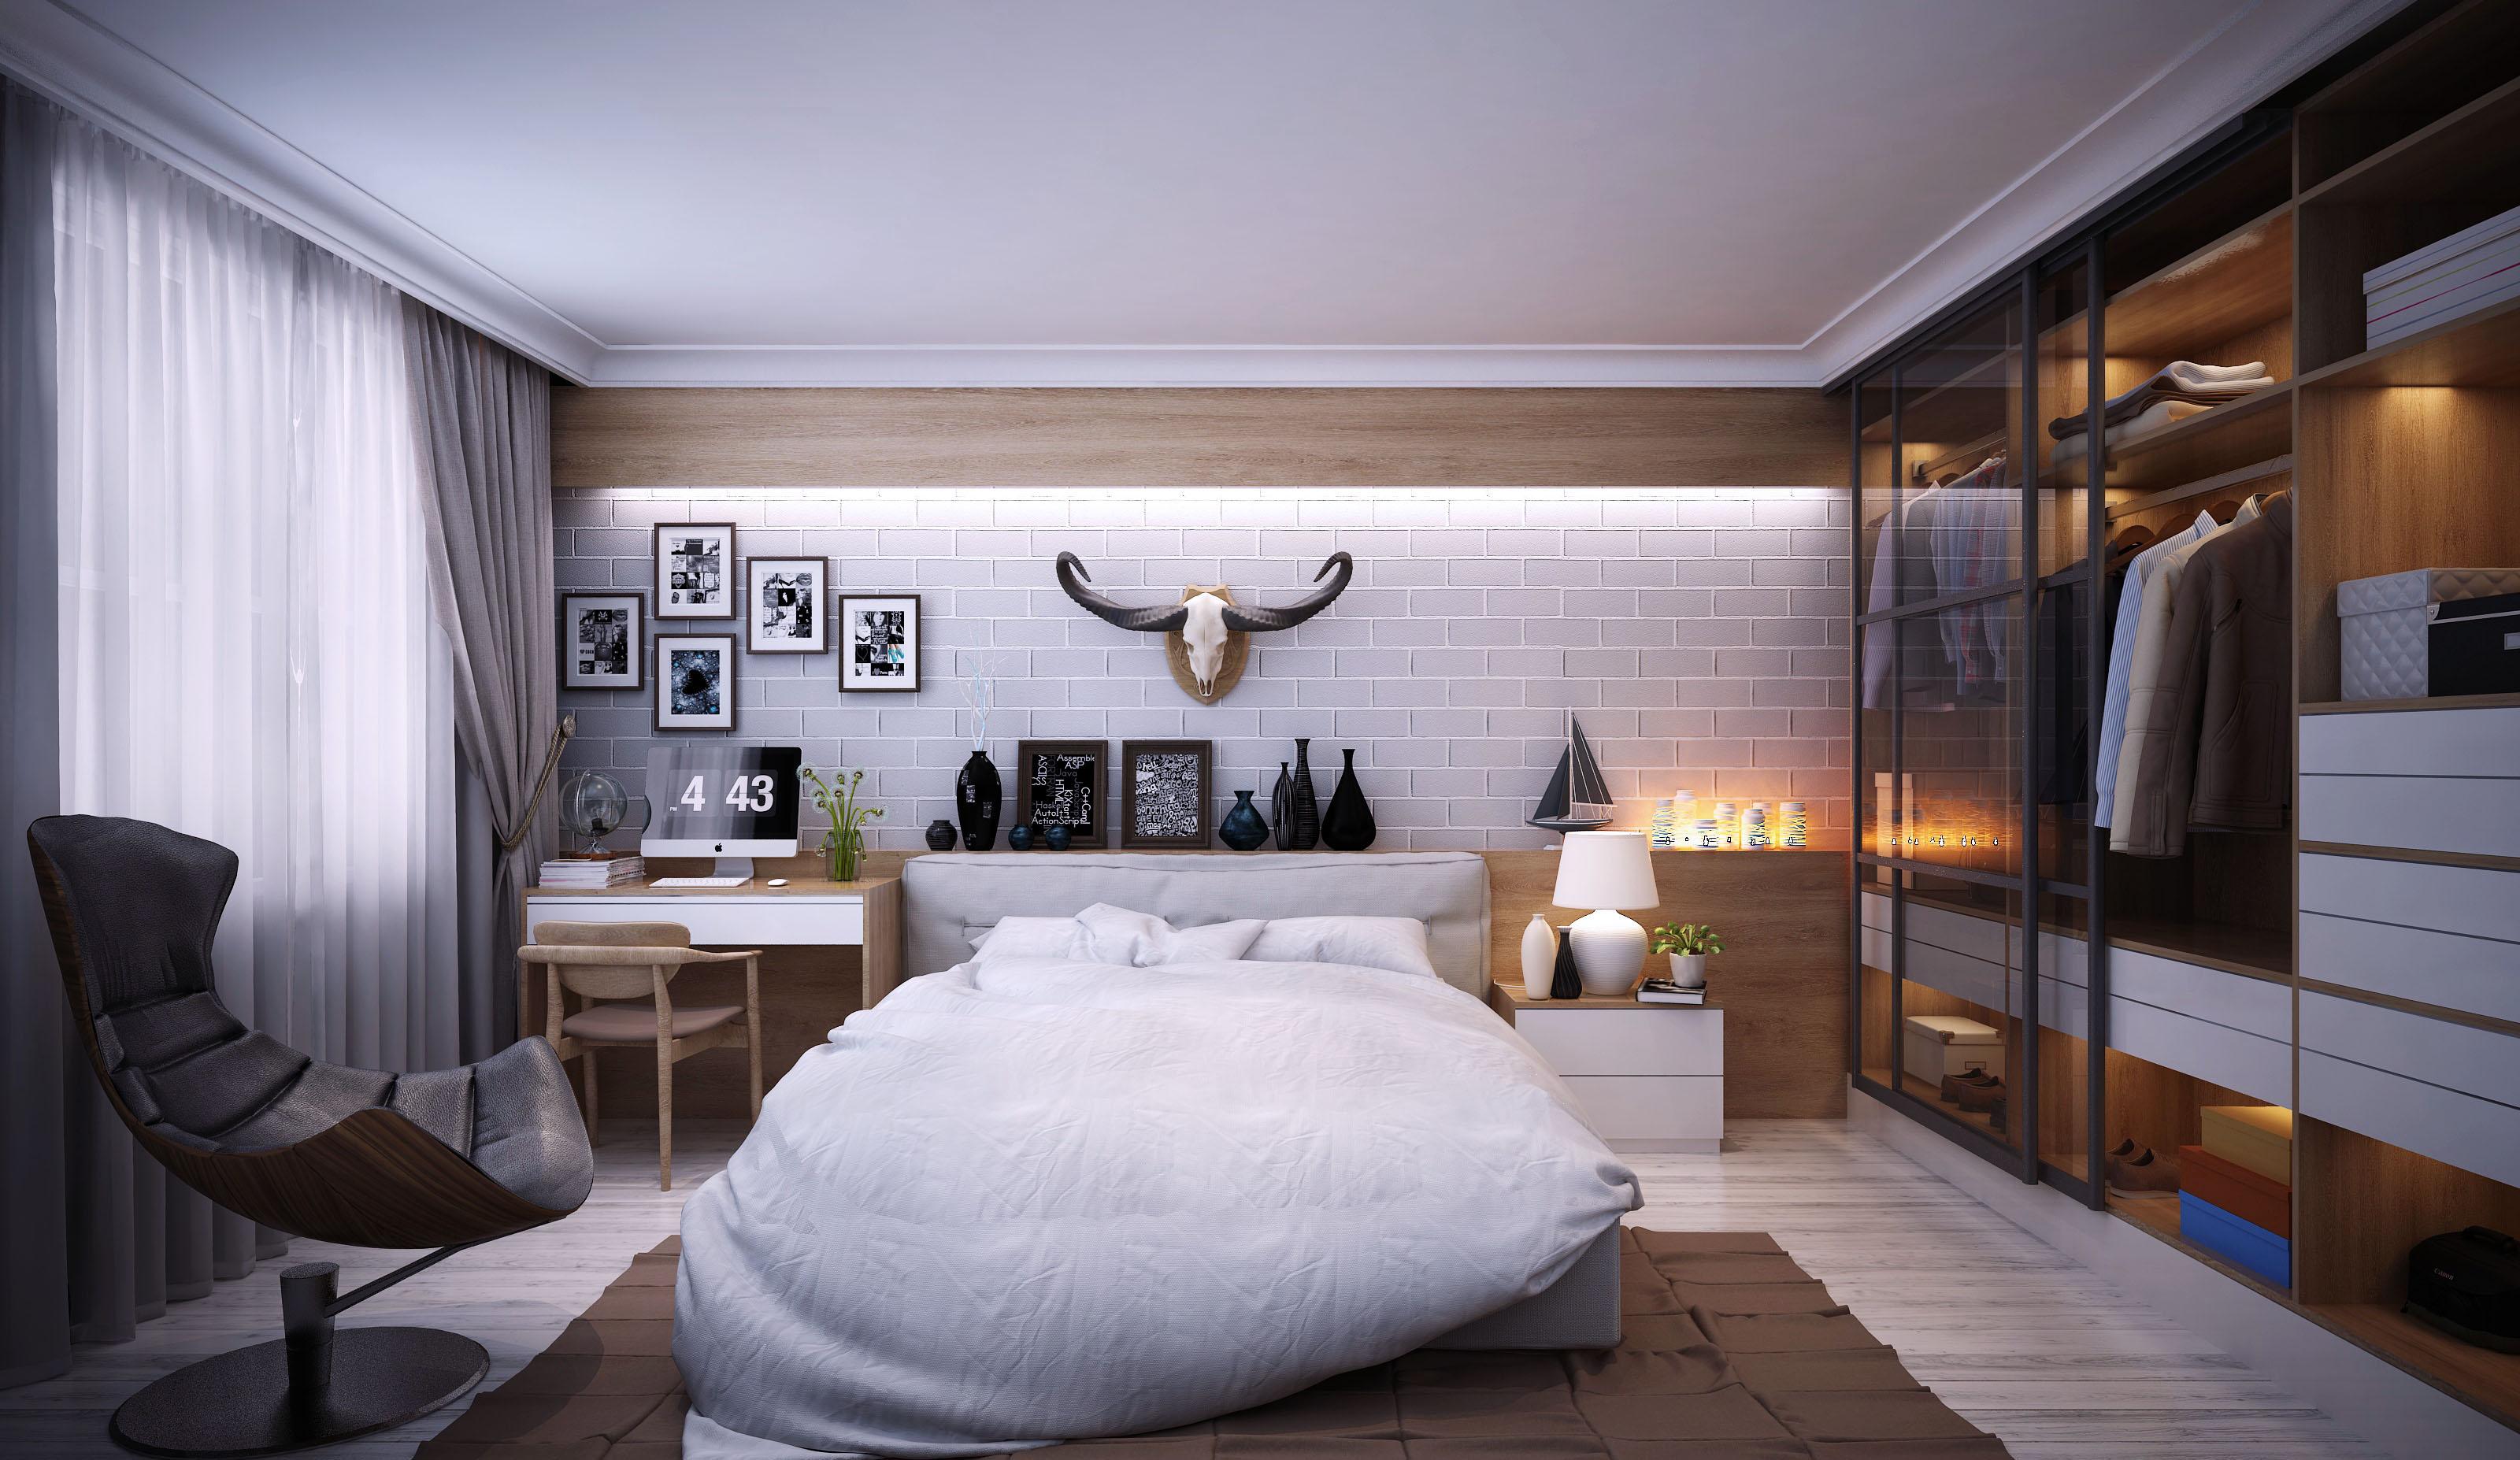 Hình ảnh thiết kế nội thất phòng ngủ đẹp hiện đại